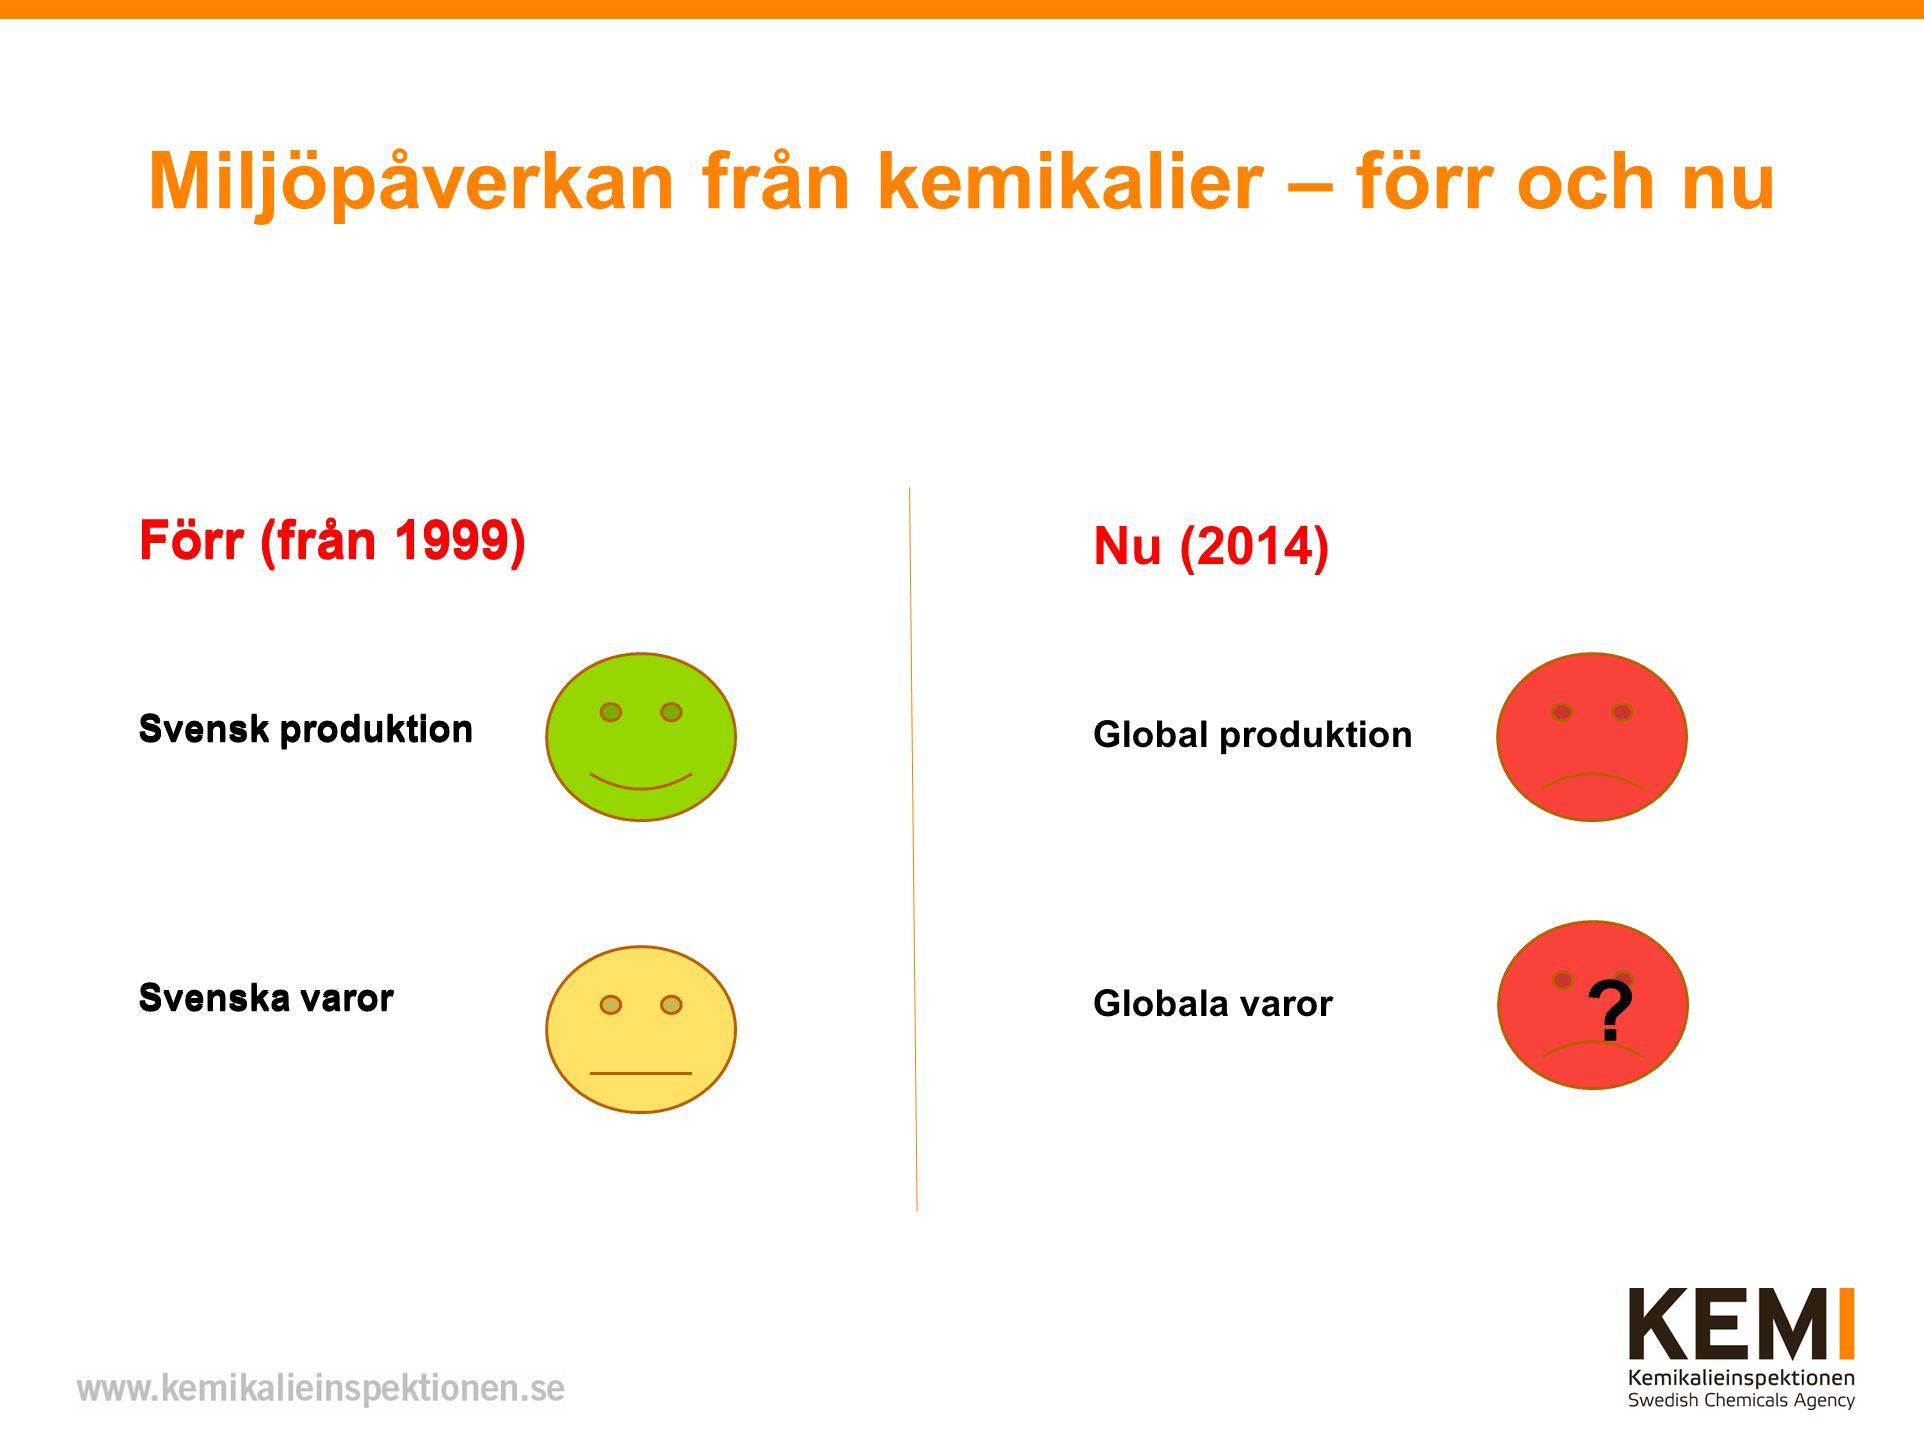 Miljöpåverkan från kemikalier – förr och nu Förr (från 1999) Svensk produktion Svenska varor Nu (2014) Global produktion Globala varor .